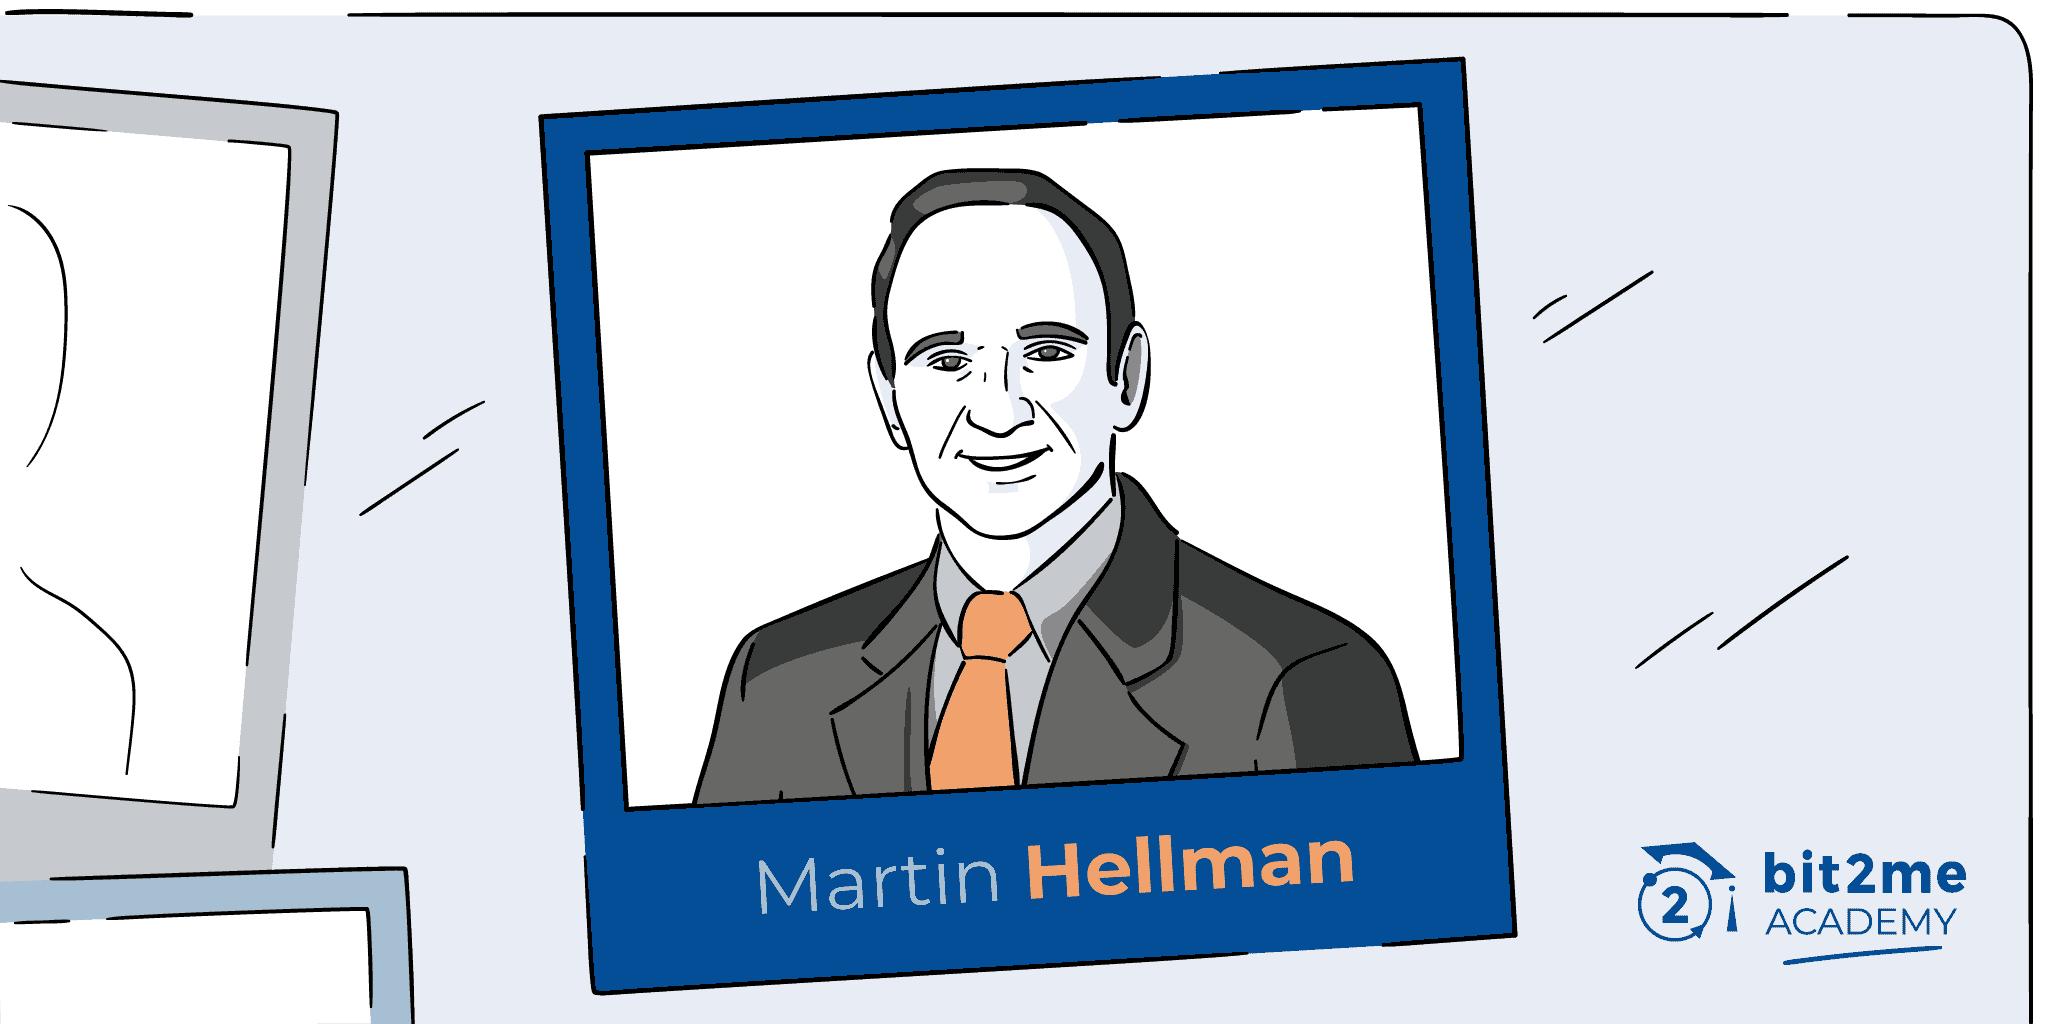 Martin Hellman cripto